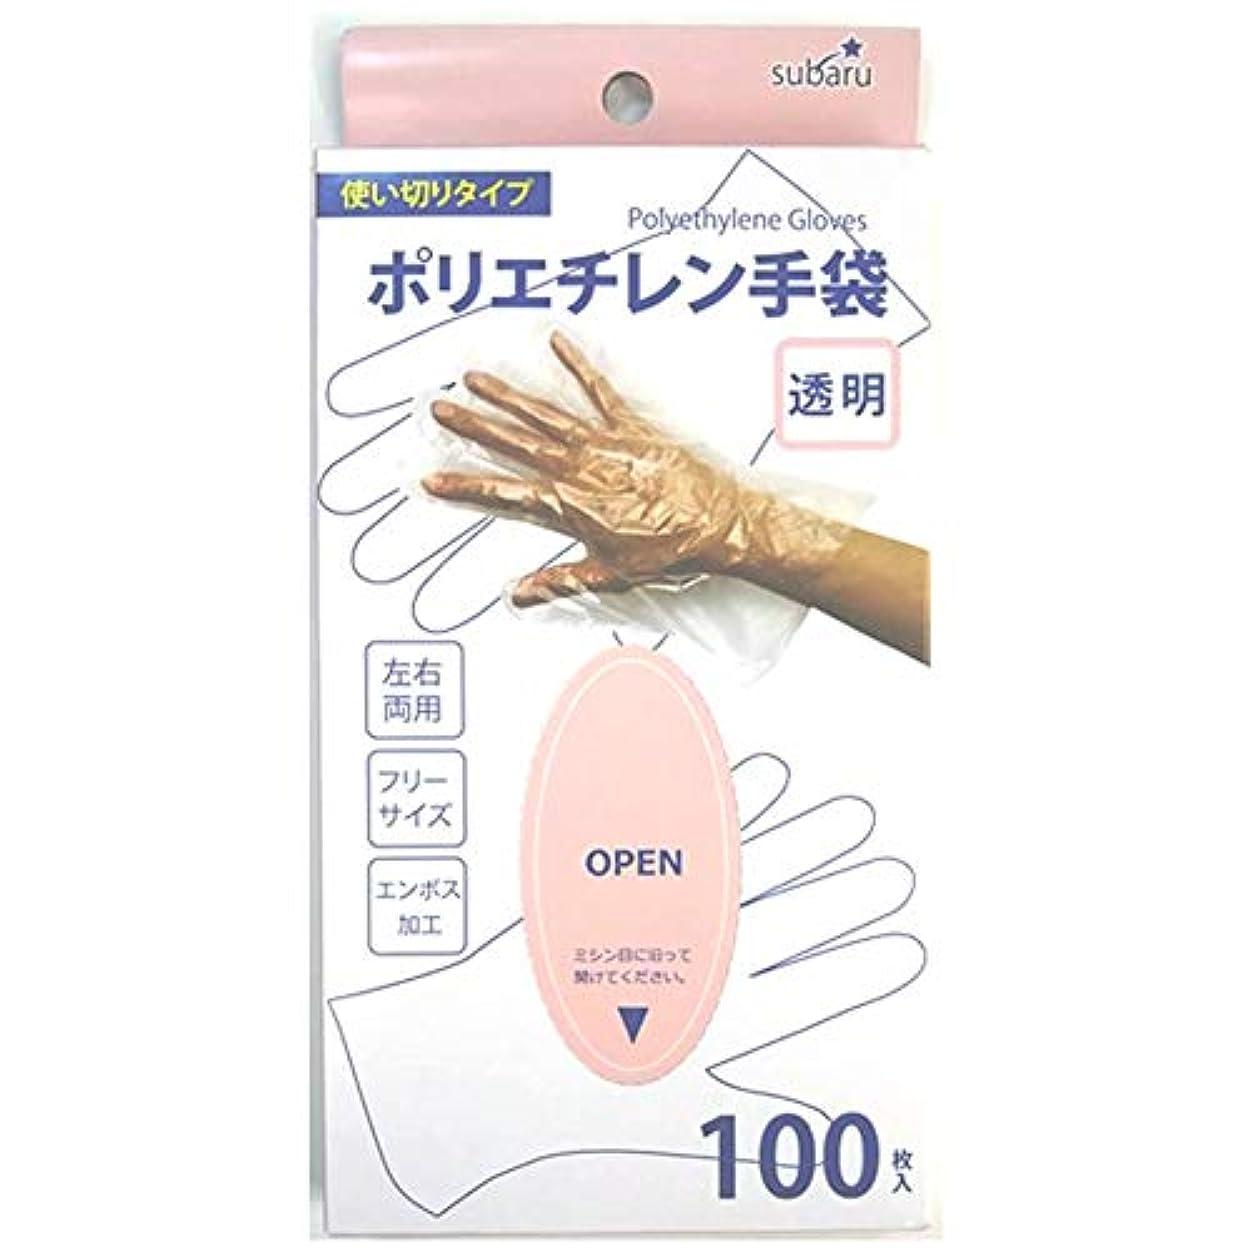 配分付き添い人高さポリエチレン手袋 透明100枚入 227-29【まとめ買い12個セット】